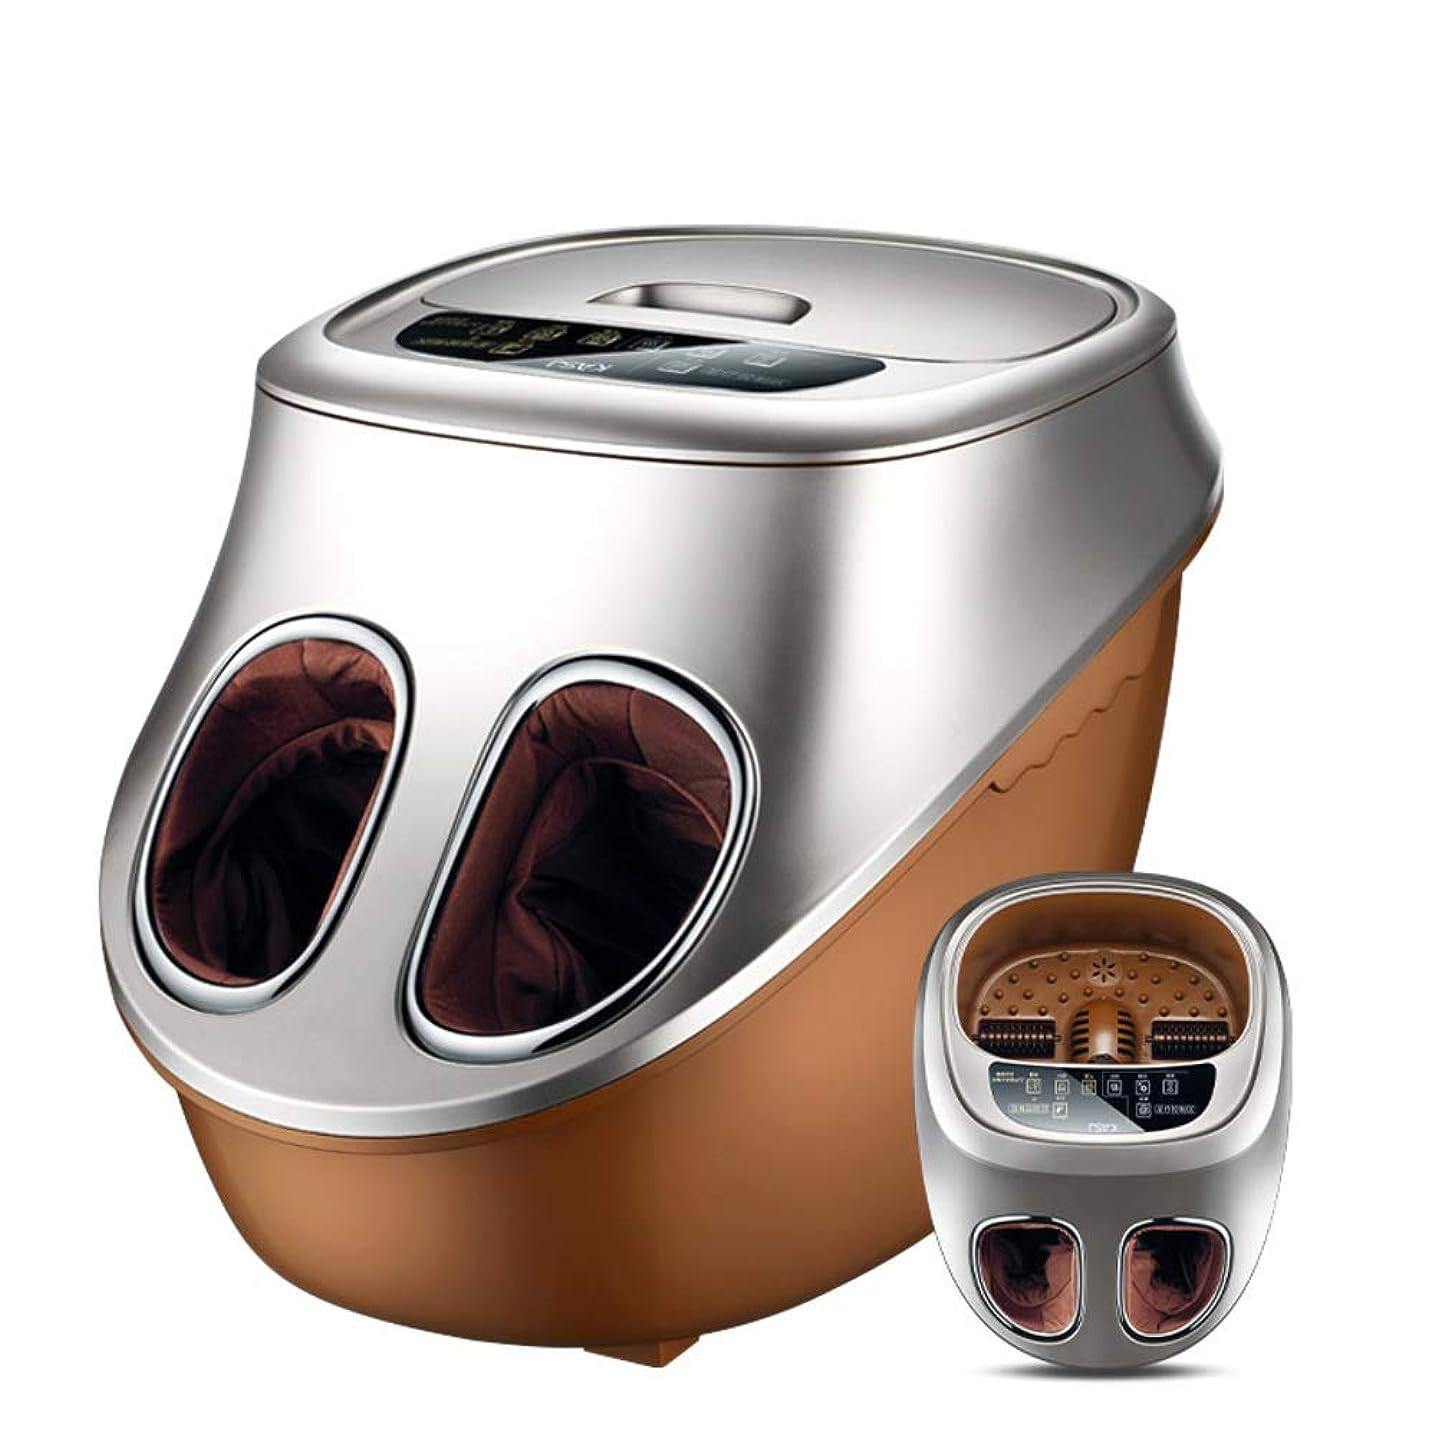 ヒューバートハドソン嬉しいです便利指圧 フット マッサージ マシン,フットバス 熱を持つ,足湯 ペディキュア デトックス 浸漬 足浴槽 足の痛みを緩和します。 治療-ゴールド